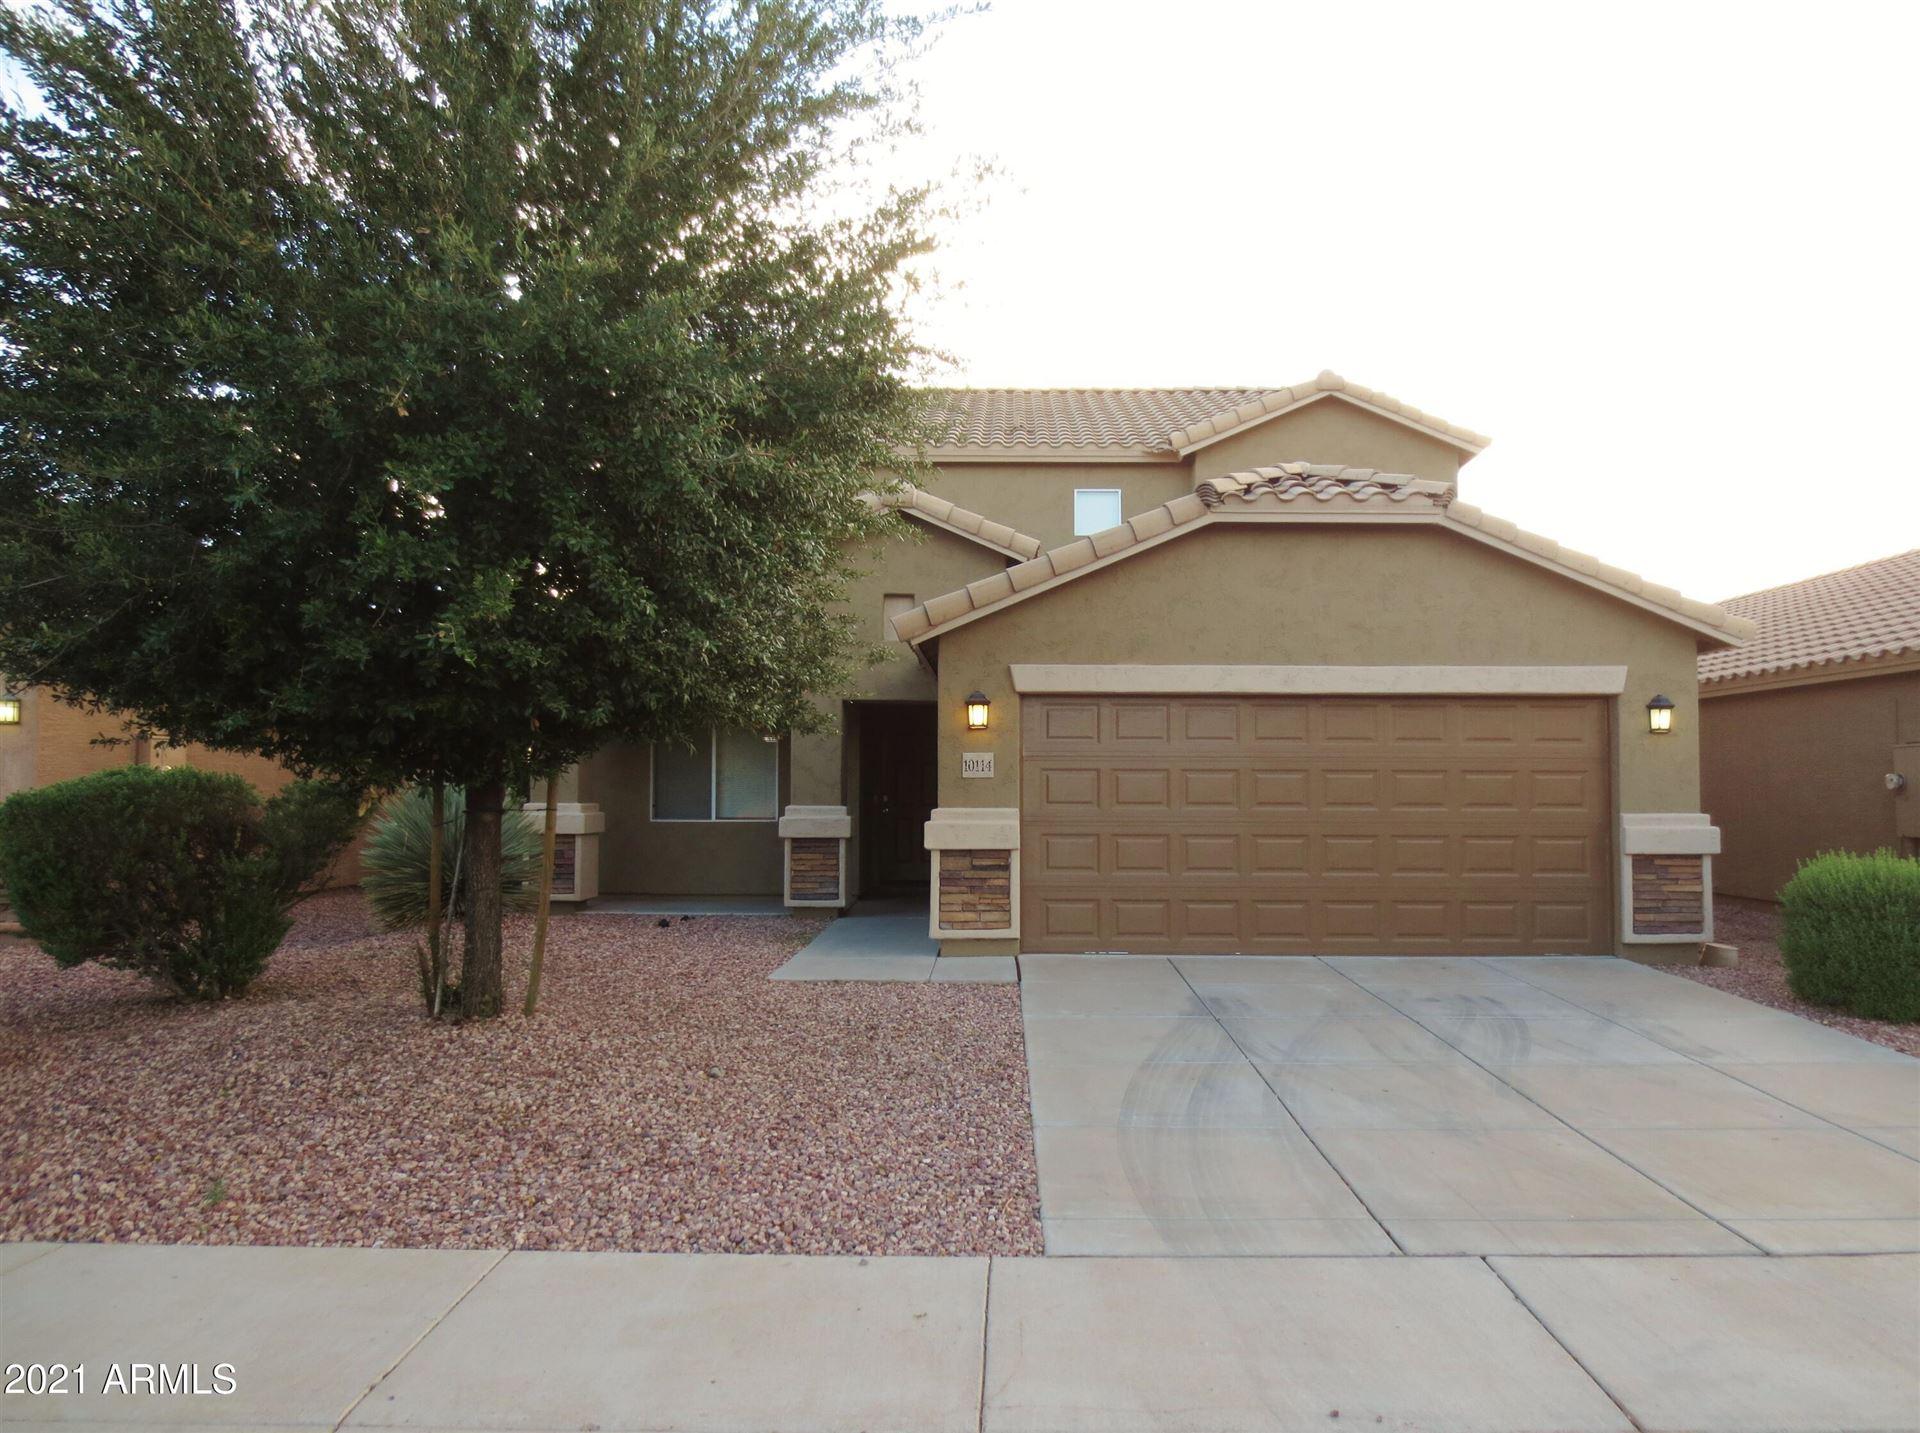 Photo of 10114 N 116TH Lane, Youngtown, AZ 85363 (MLS # 6241661)